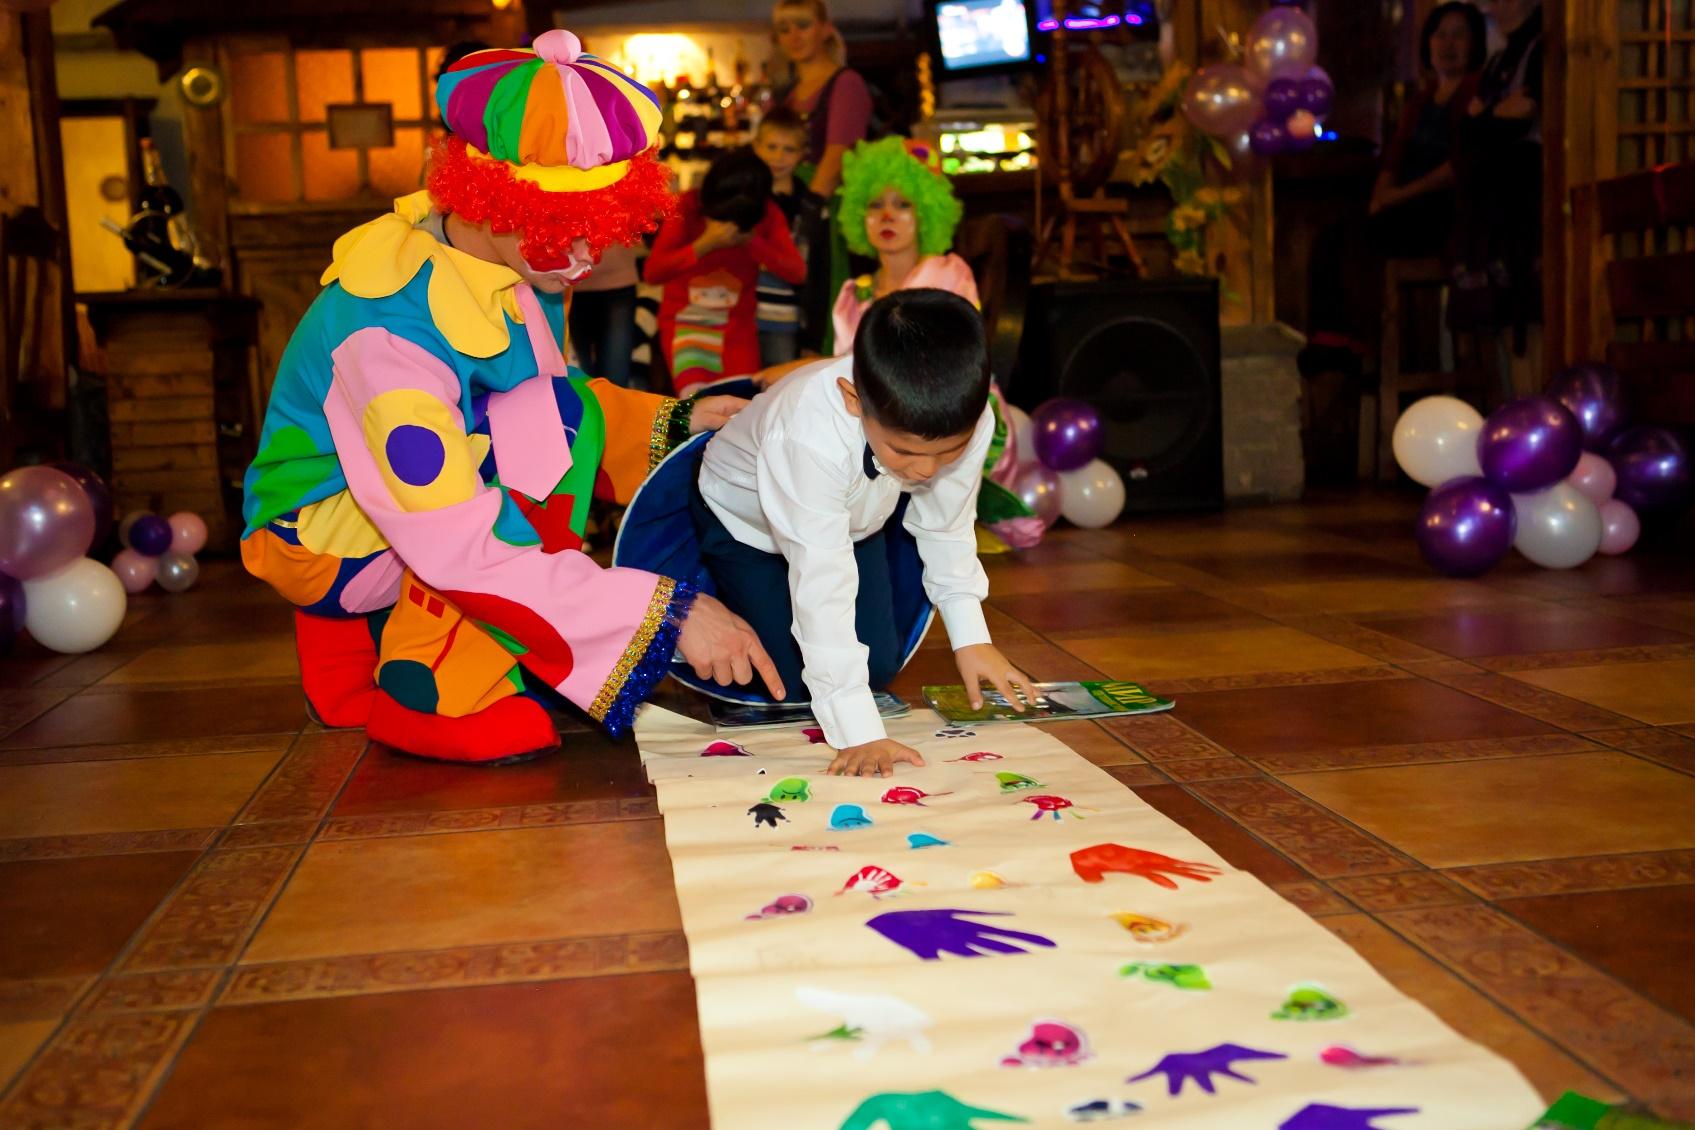 Интересный сценарий детского праздника